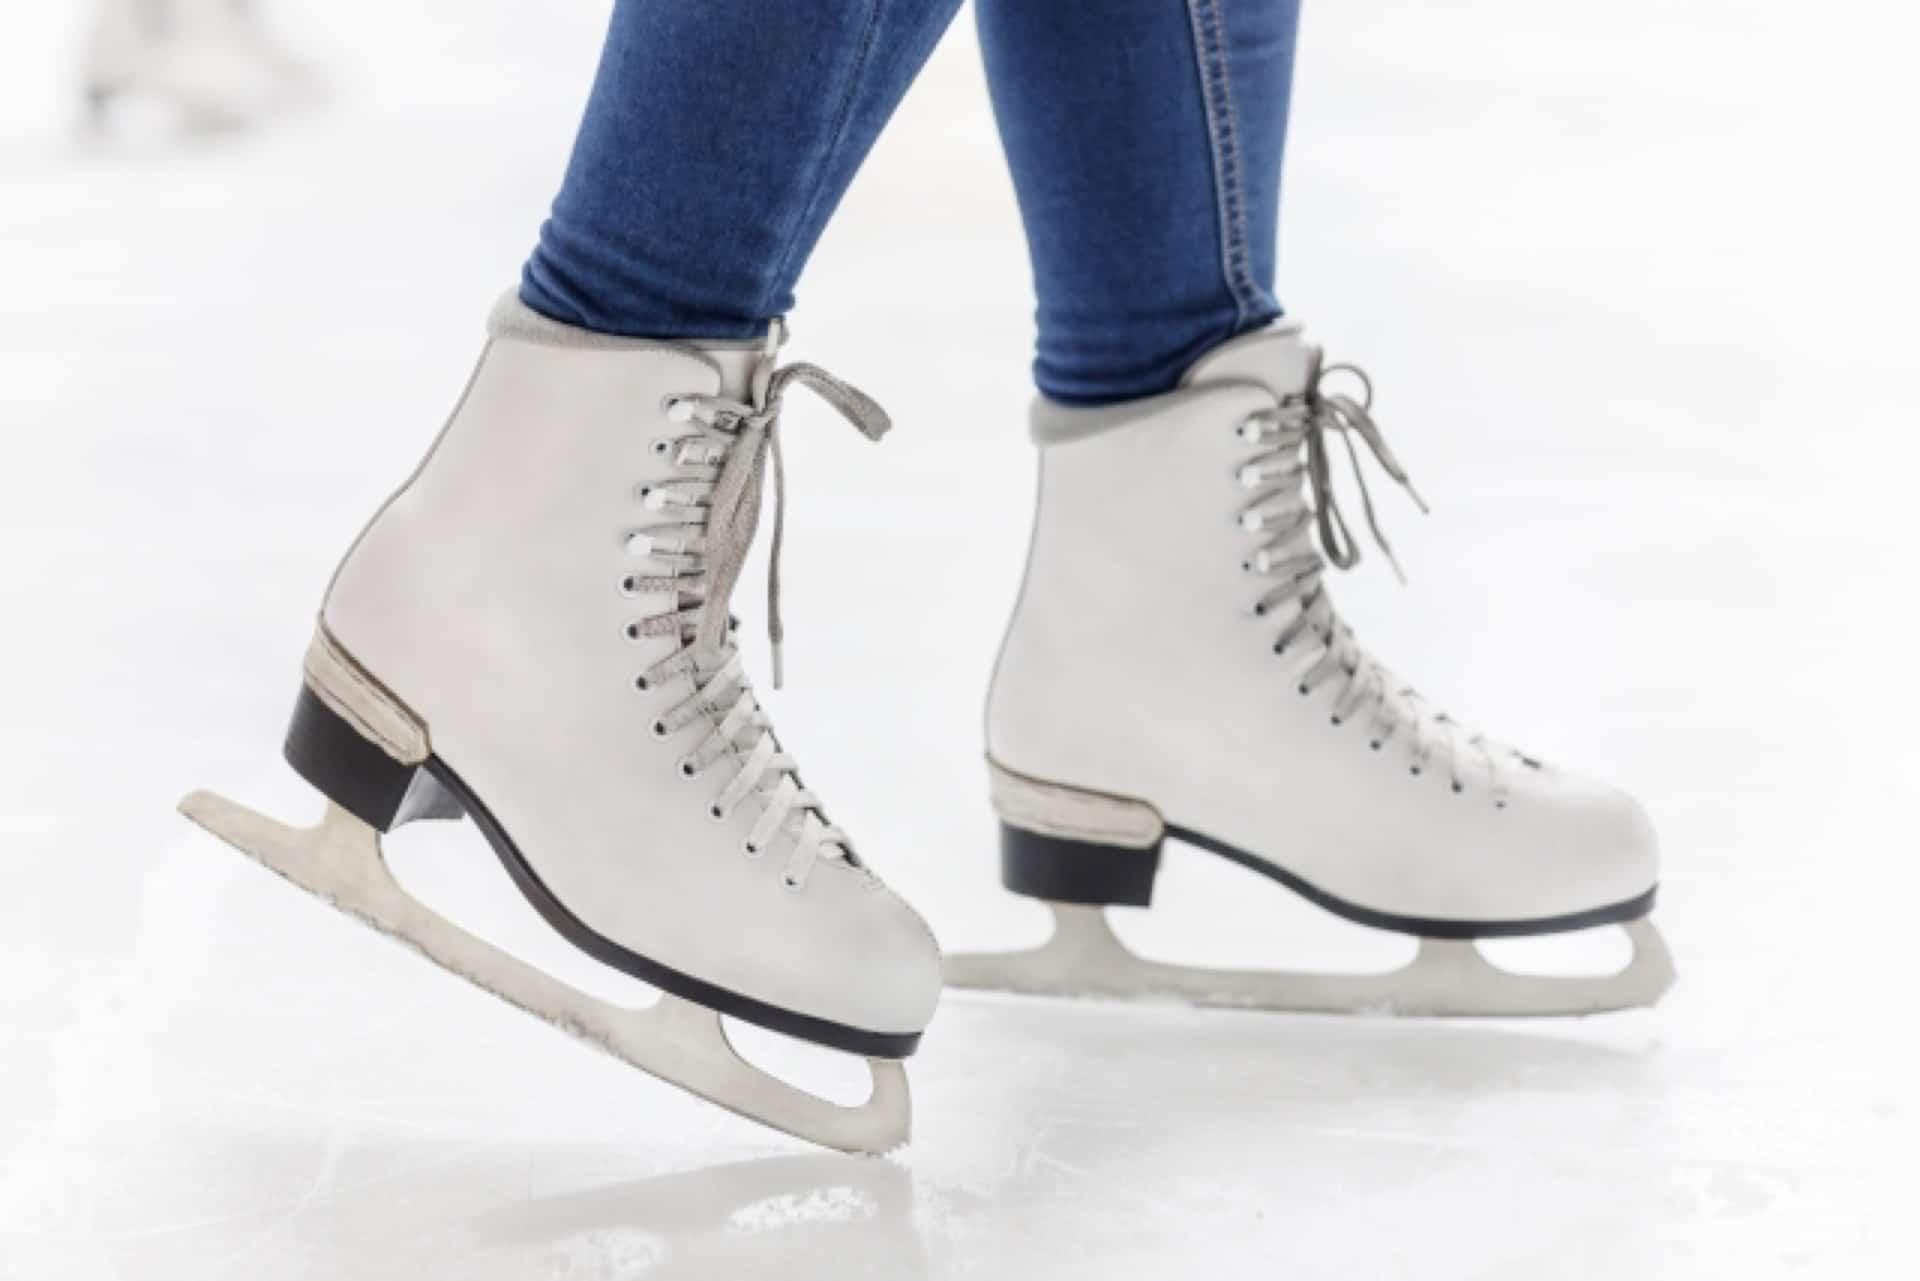 【2019-2020】神戸でアイススケートが楽しめるスポットはココ!冬のスポーツを楽しもう♪